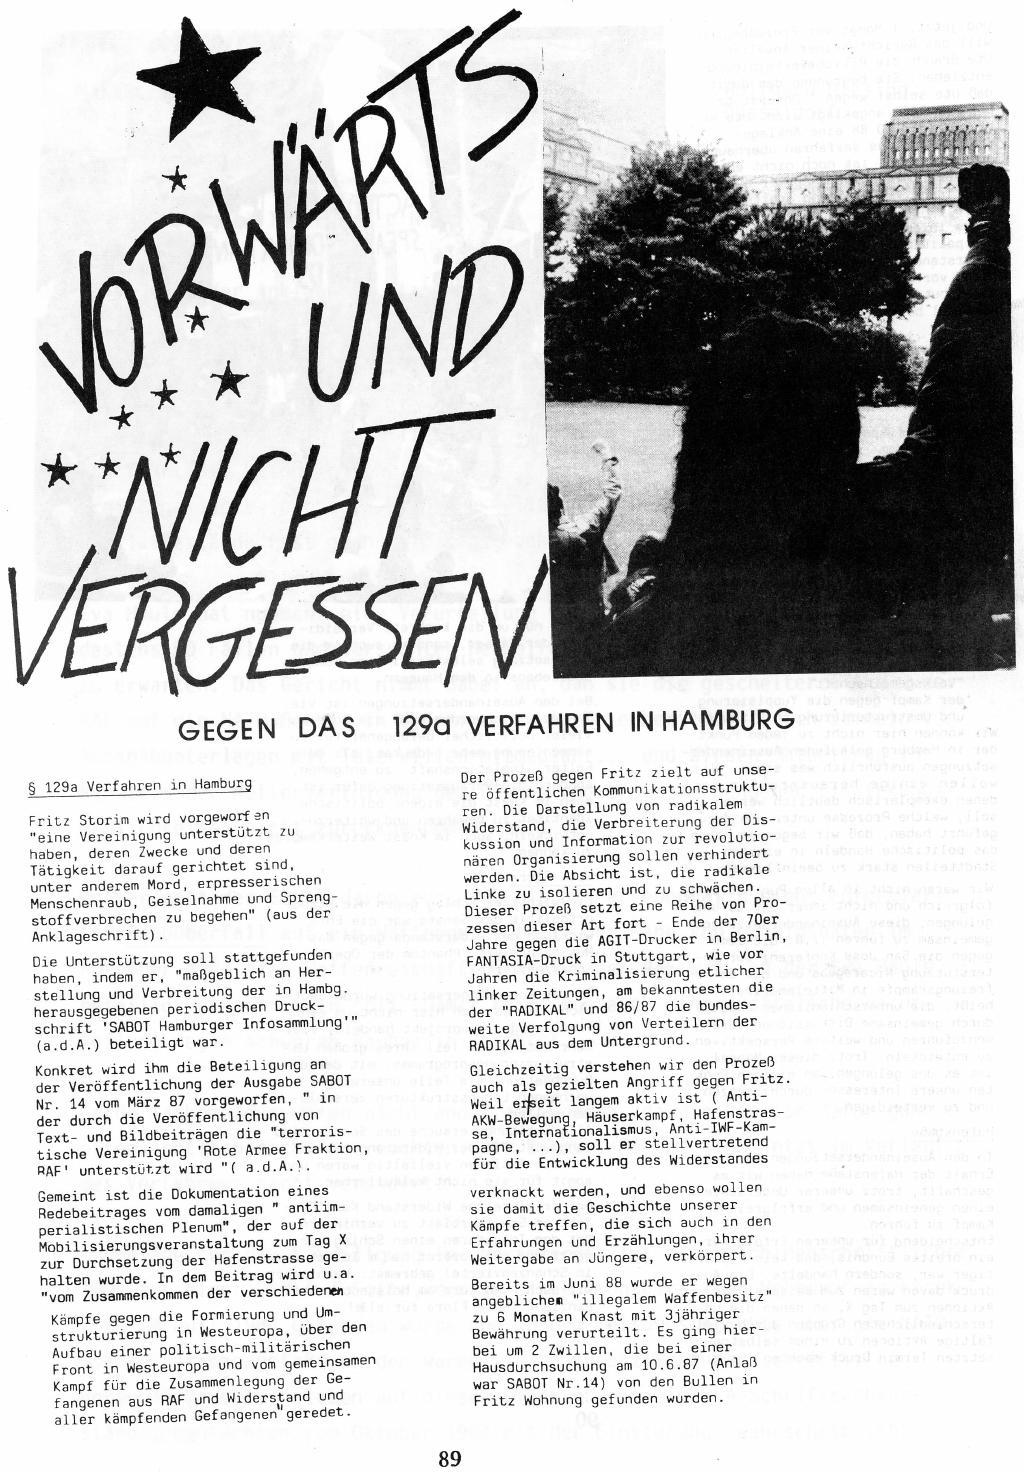 Duesseldorf_1989_Sechs_Politische_Gefangene_089